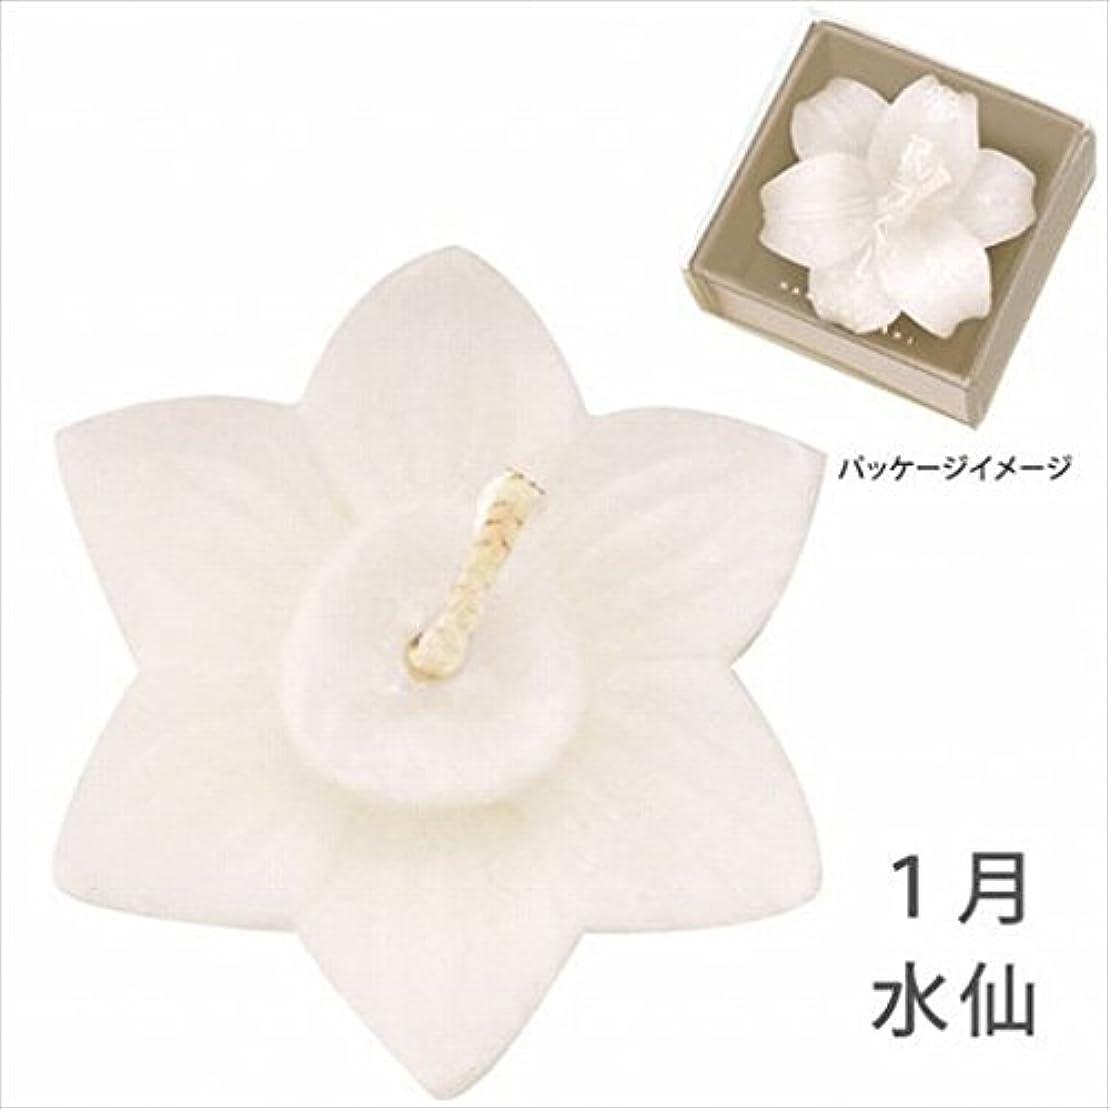 社説拍手するフォアタイプカメヤマキャンドル( kameyama candle ) 花づくし(植物性) 水仙 「 水仙(1月) 」 キャンドル